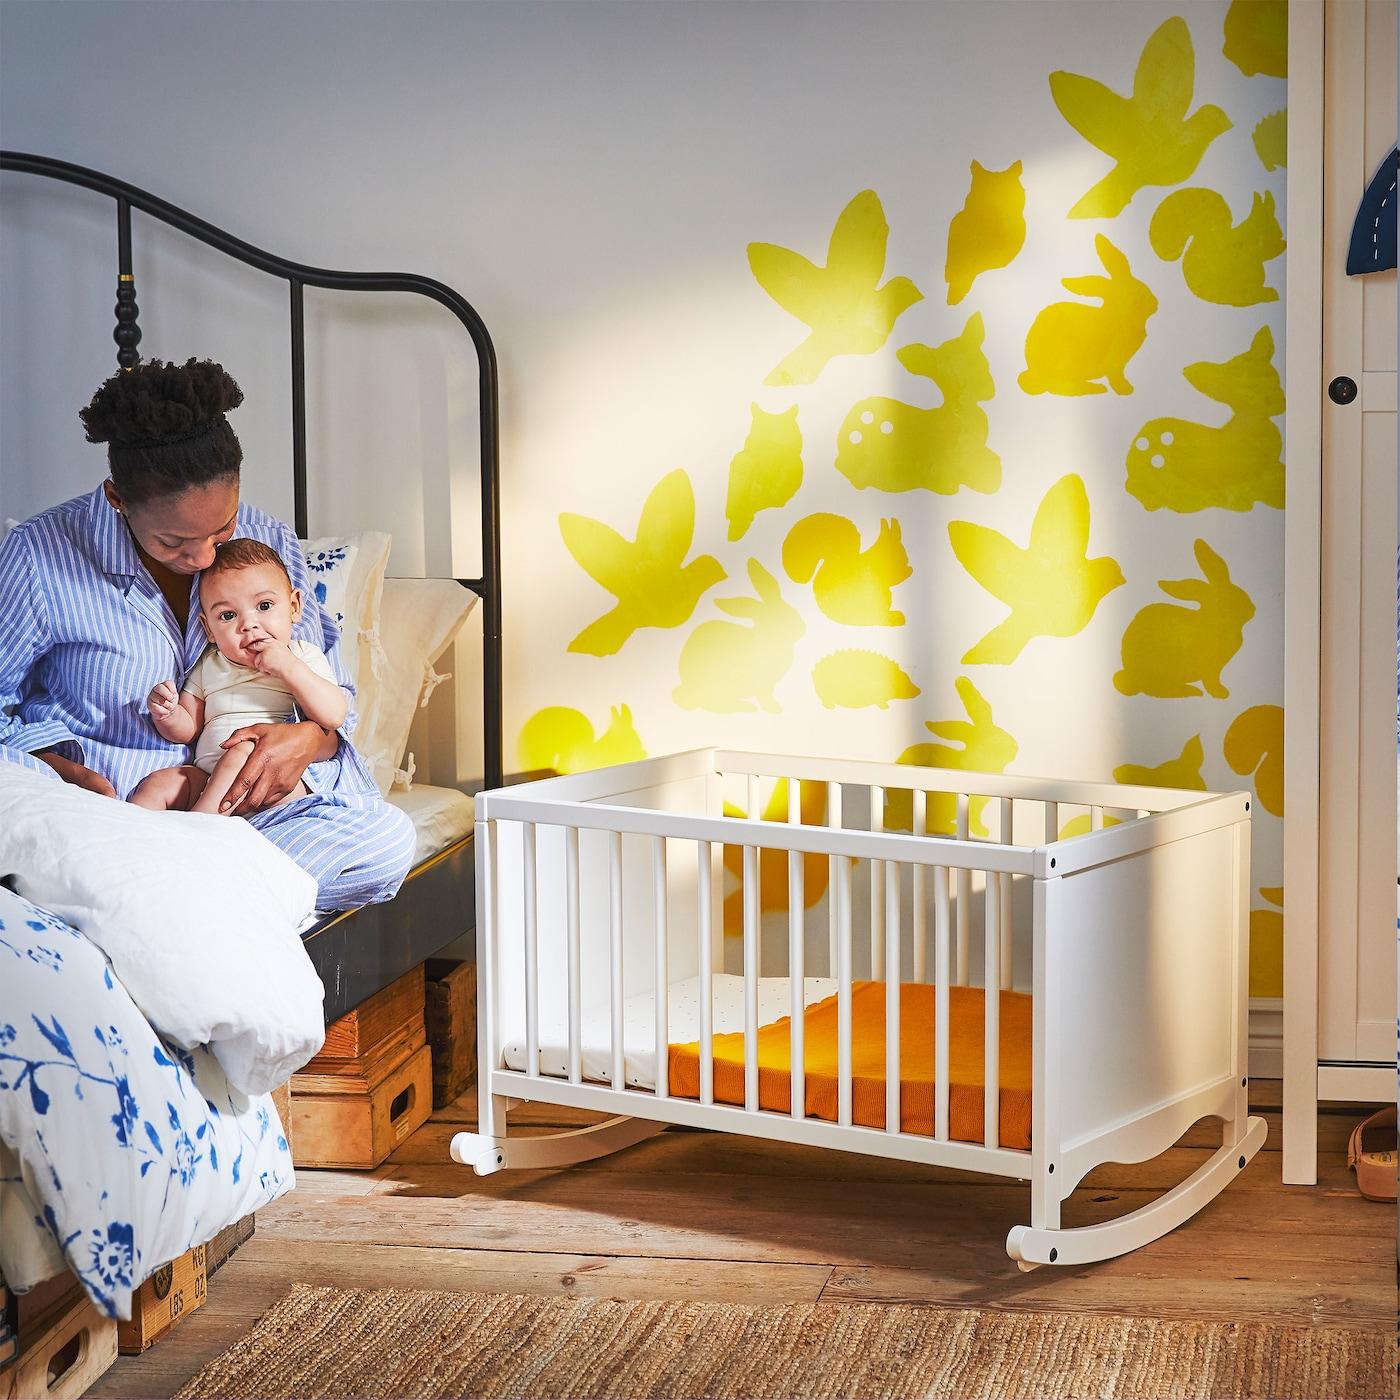 Eine Frau mit Baby im Arm sitzt auf einem Bett. Neben ihr steht eine weisse SOLGUL Wiege mit Schaummatratze mit klassischen Details wie Rundstäbe und abgerundete Kanten.